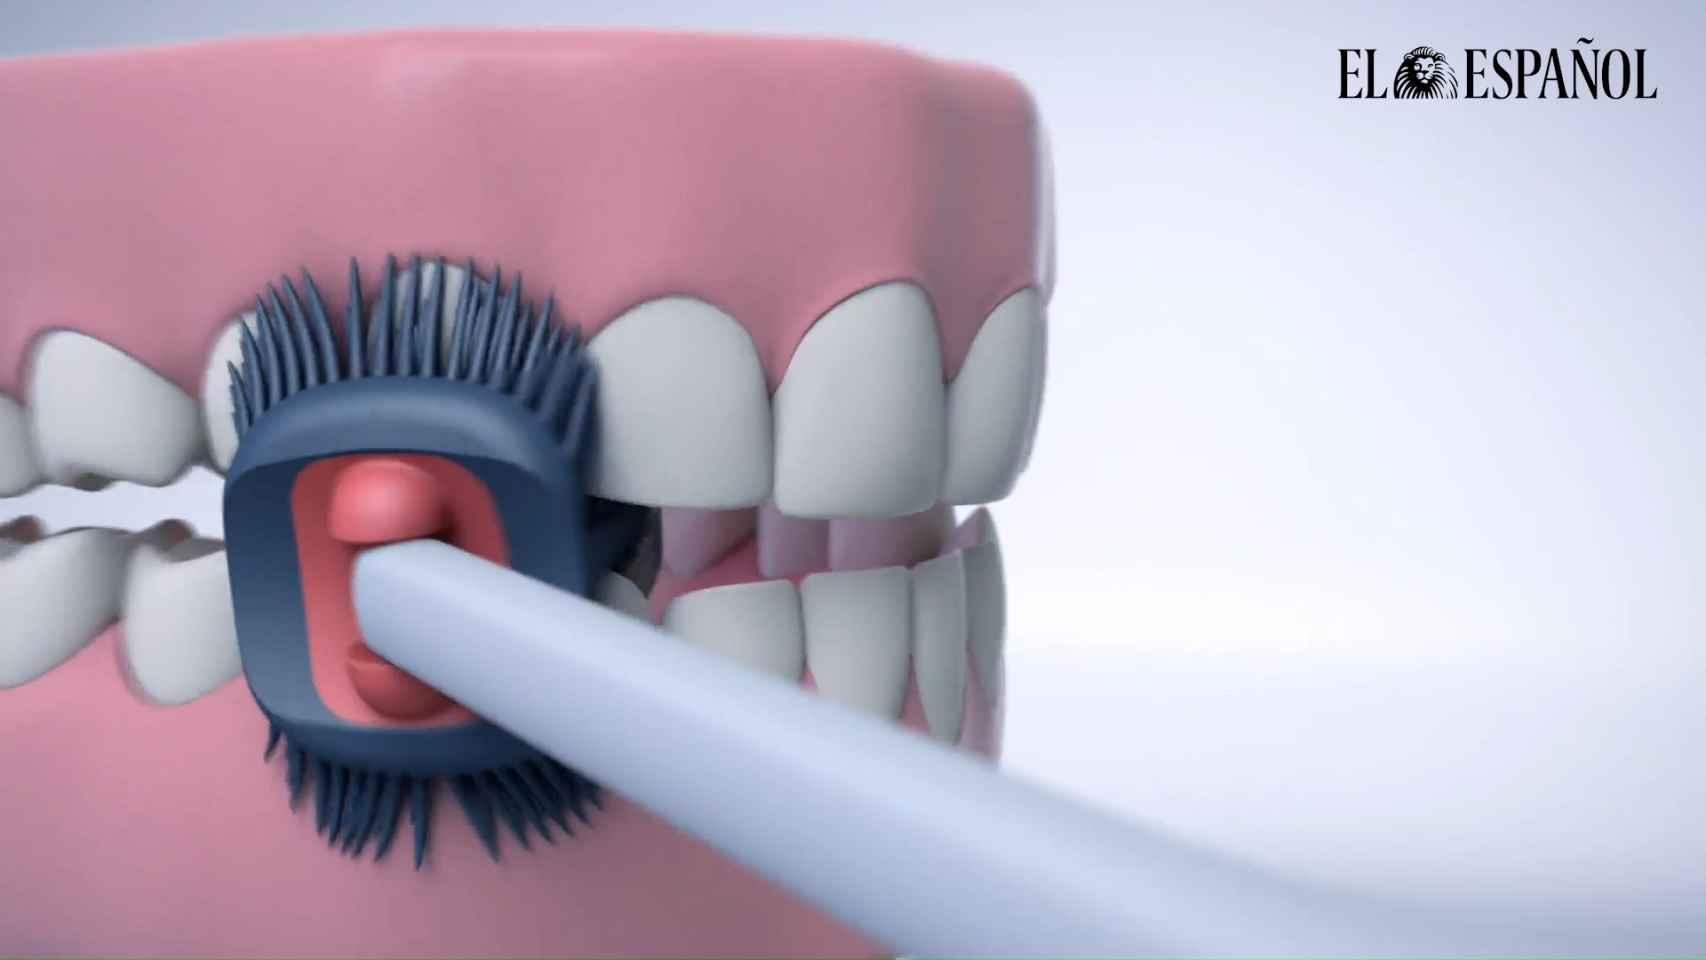 Balene, el cepillo de dientes español que sólo te tienes que pasar una vez